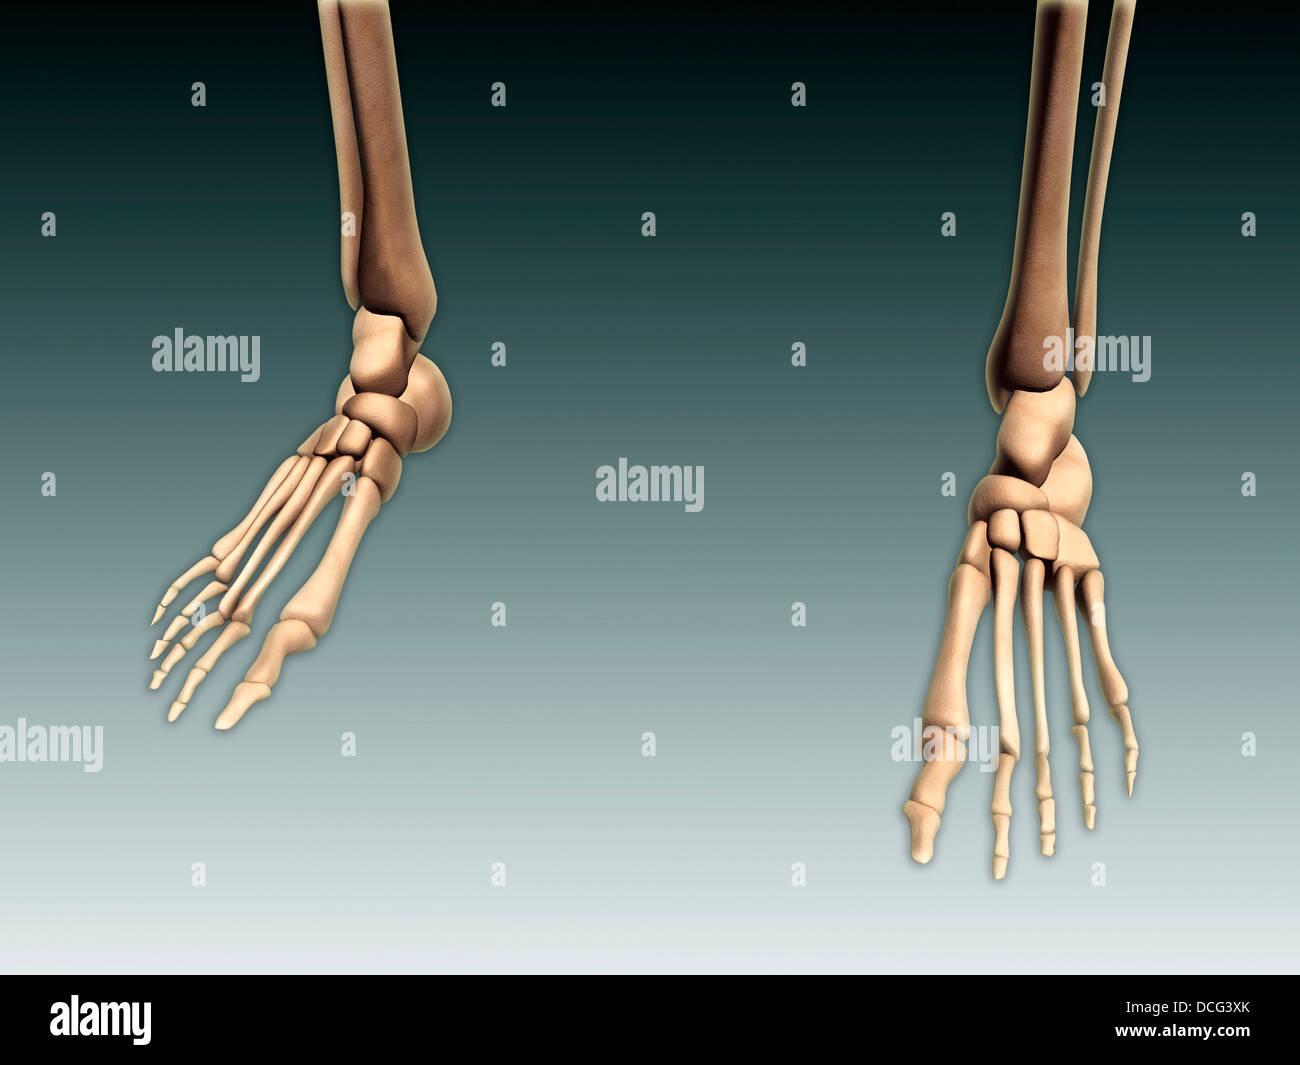 Imagen conceptual de los huesos de las piernas de los seres humanos ...